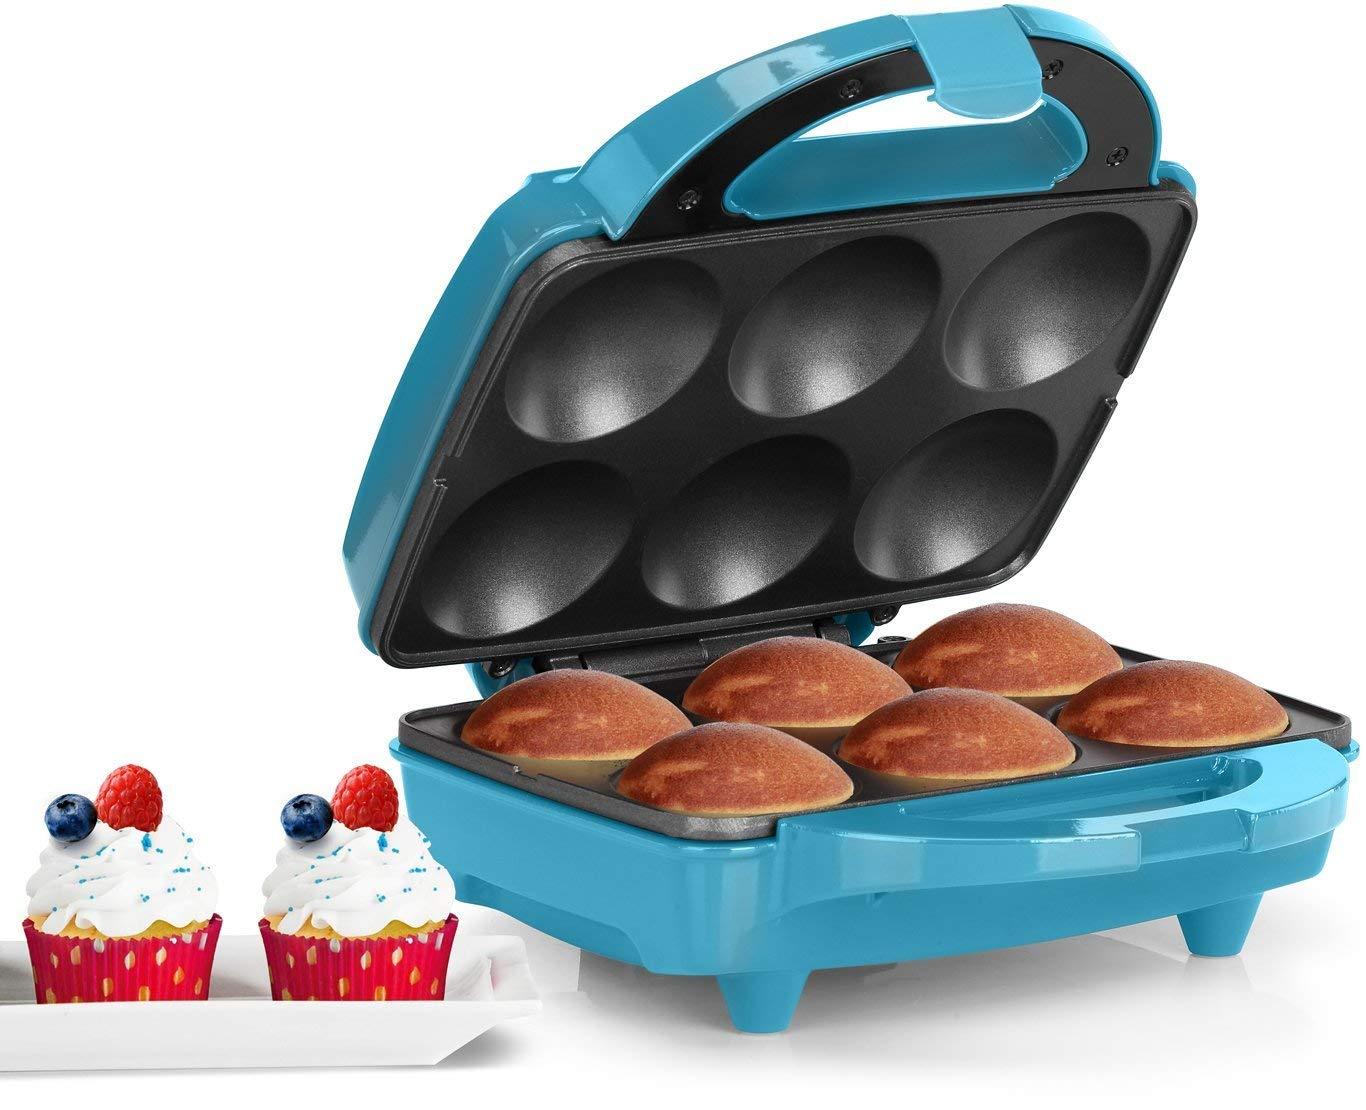 Holstein Housewares HF-09013T Fun Cupcake Maker - Teal/Stainless Steel (Renewed) by Holstein Housewares